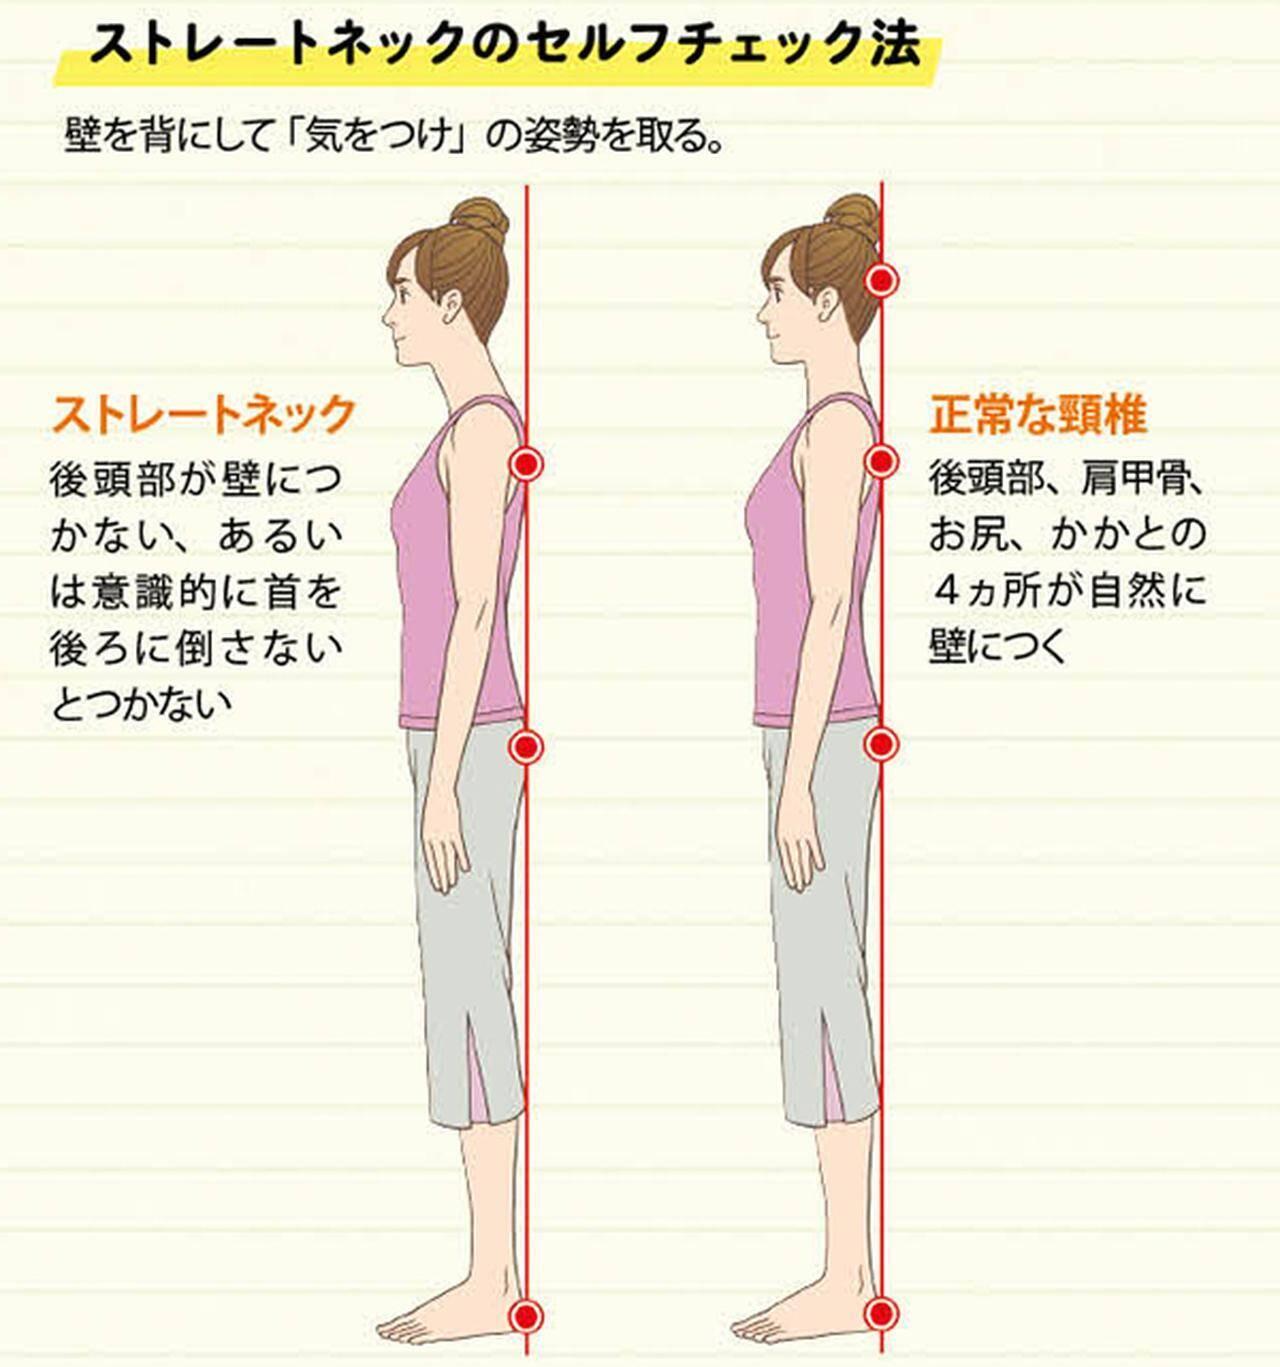 ストレートネックの治し方】首や肩の痛みは「スマホ首」が原因だった ...